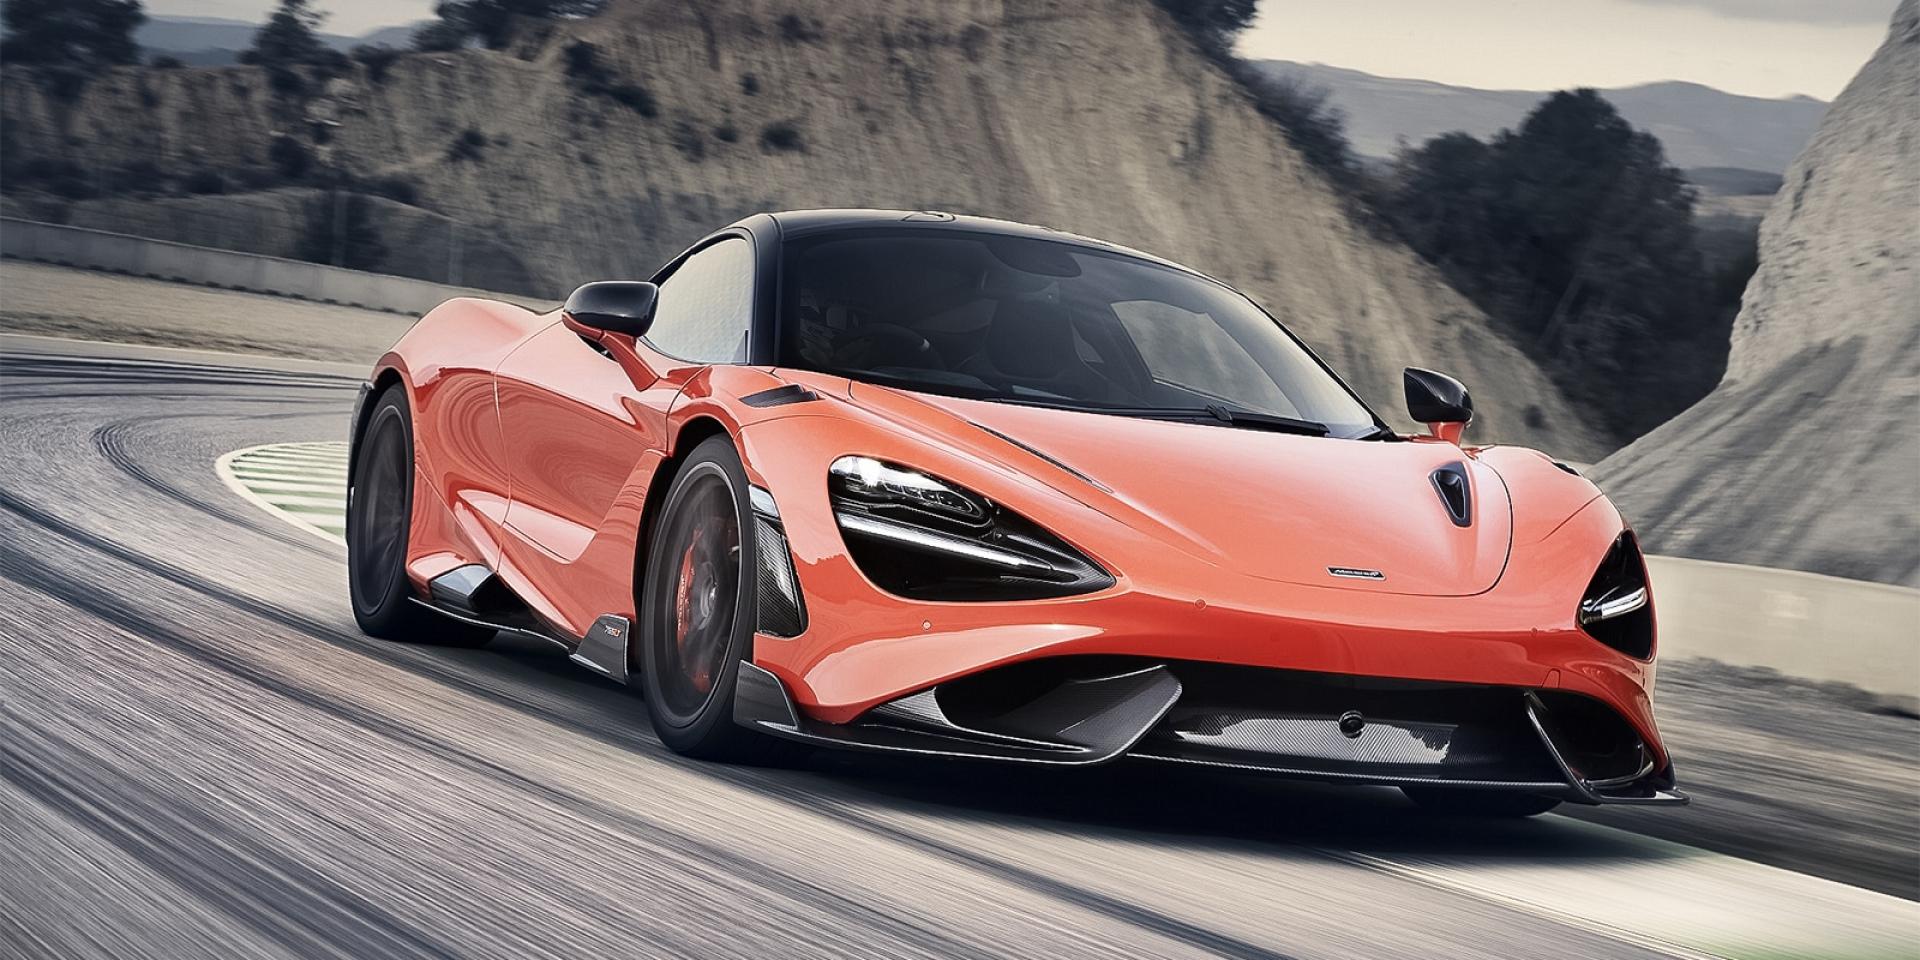 輕量化車體、極致動力的迷人組合「McLaren 765LT」卓然現世!